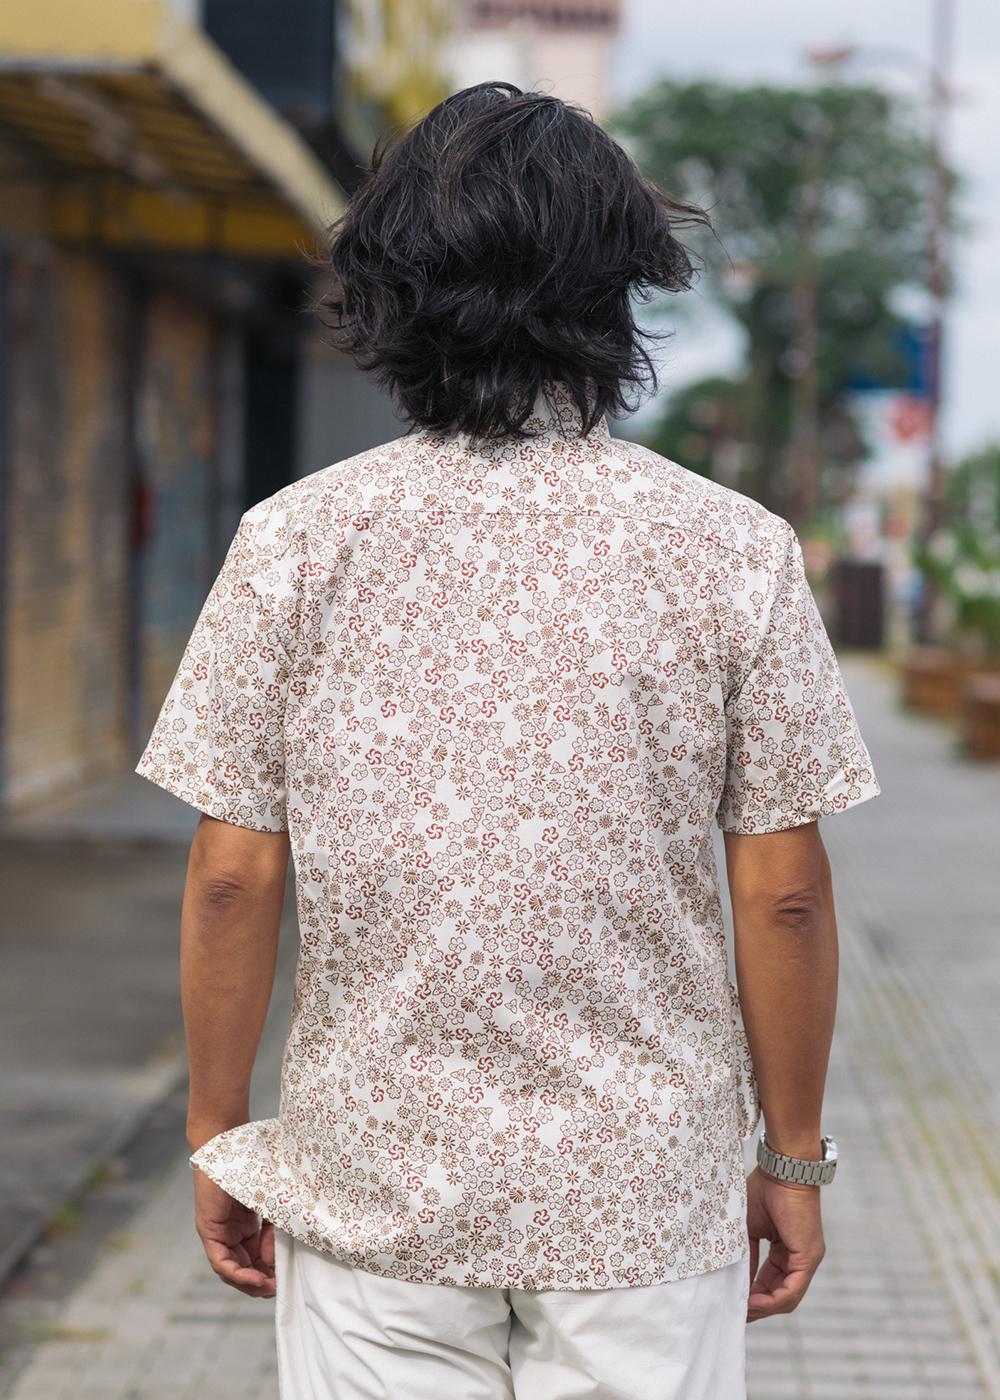 かりゆしウェア(沖縄版アロハシャツ) MAJUN - ブロッサムタイル